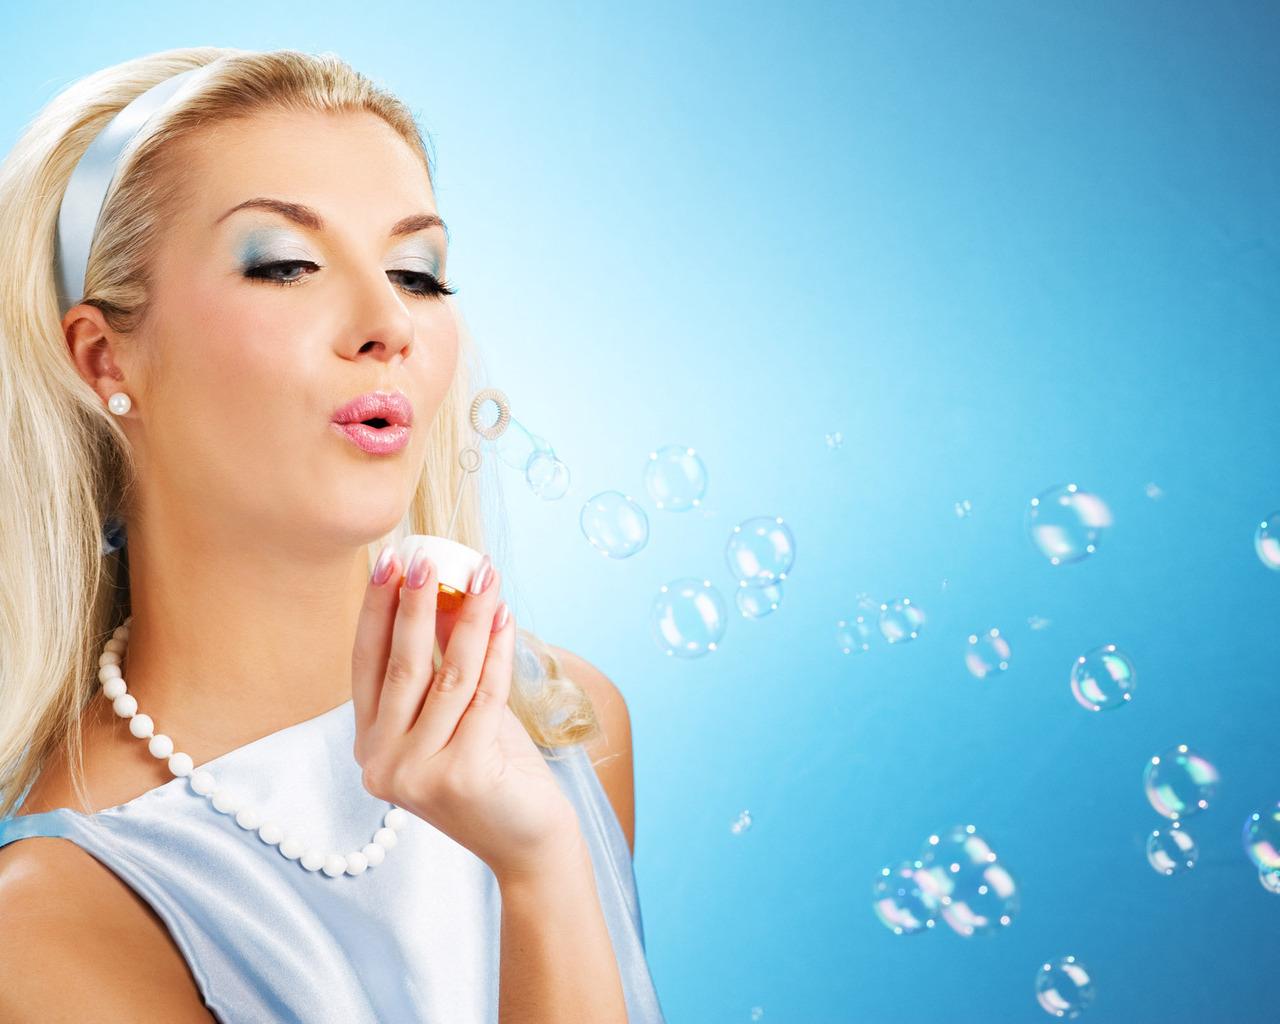 Девушка пускающая мыльные пузыри